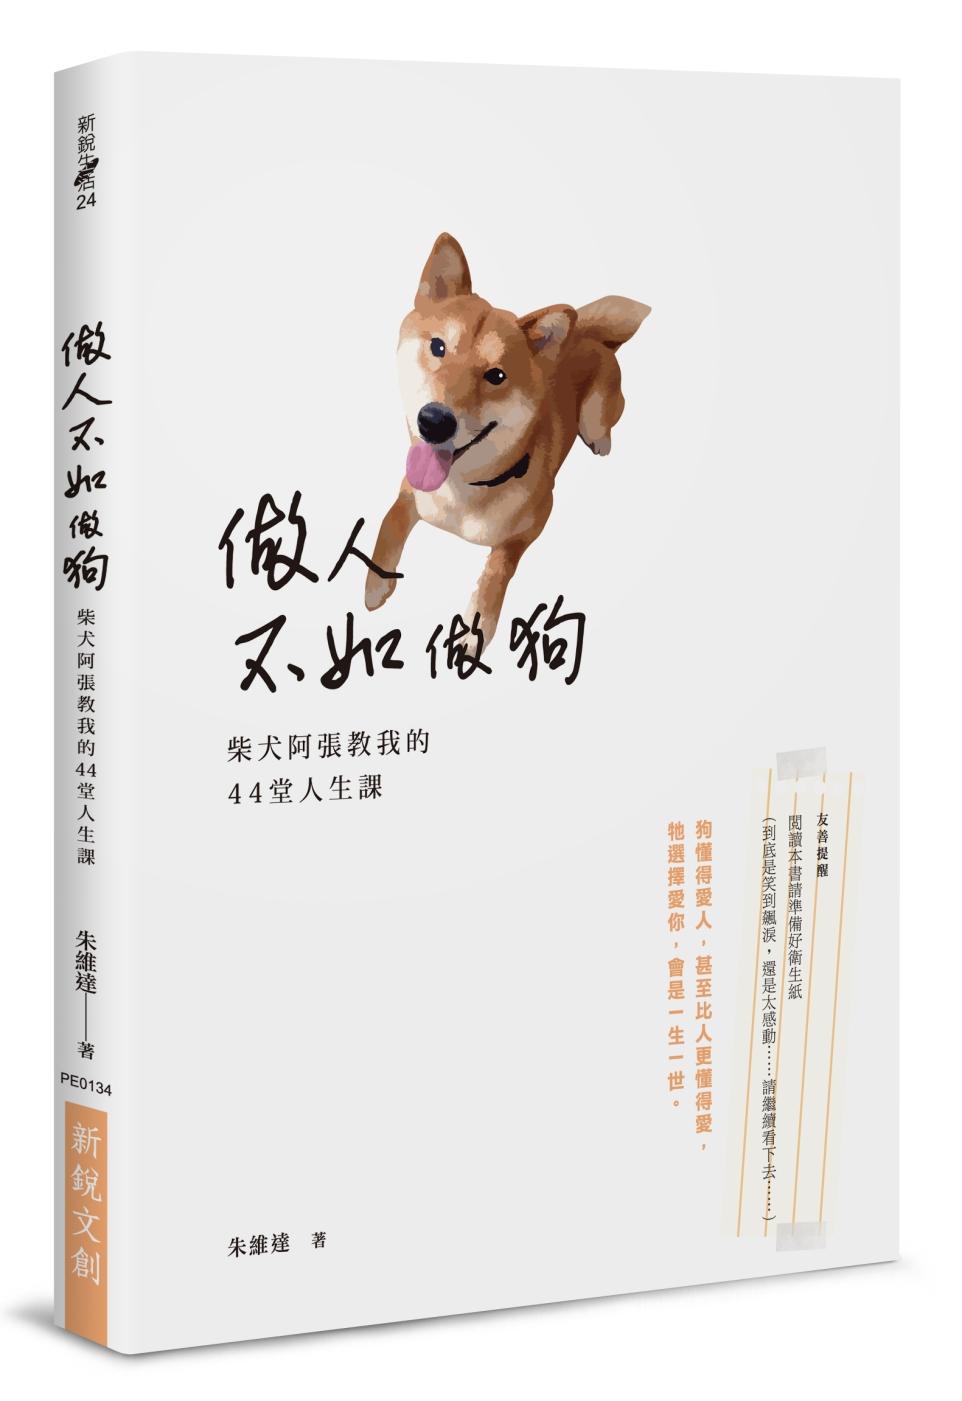 《做人不如做狗:柴犬阿張教我的44堂人生課》 商品條碼,ISBN:9789869590792